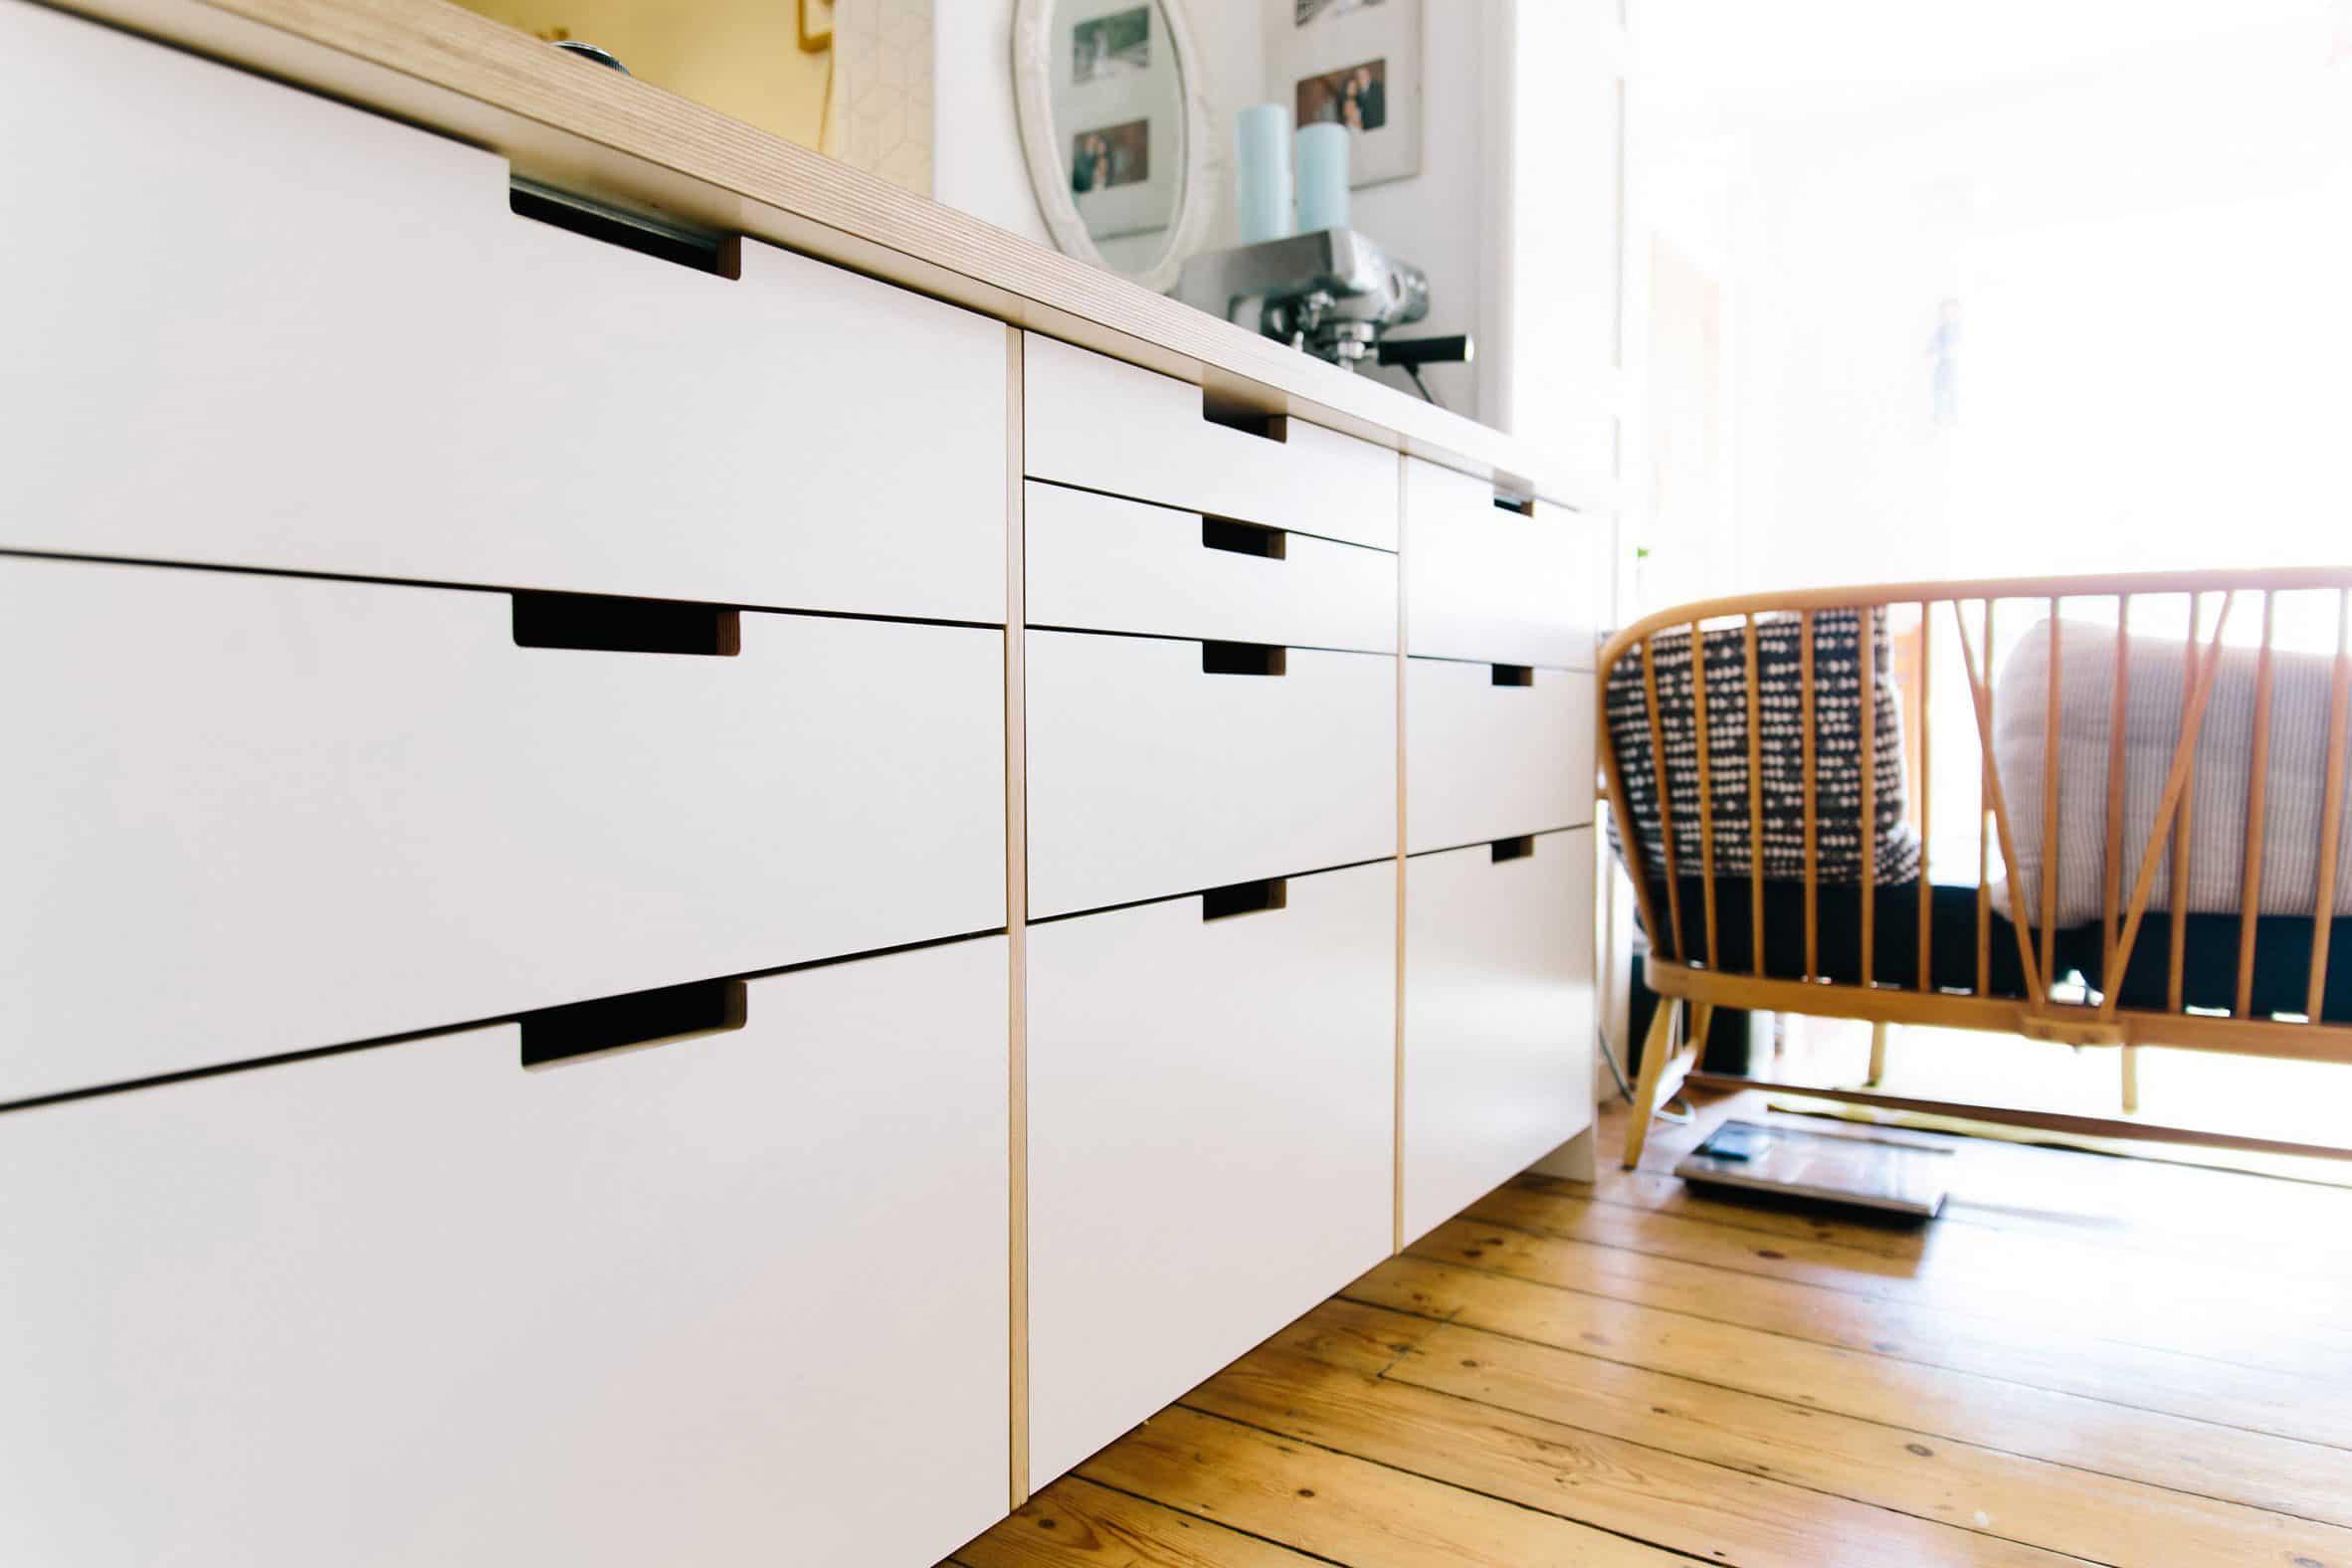 Plykea Hacks Ikea S Metod Kitchens